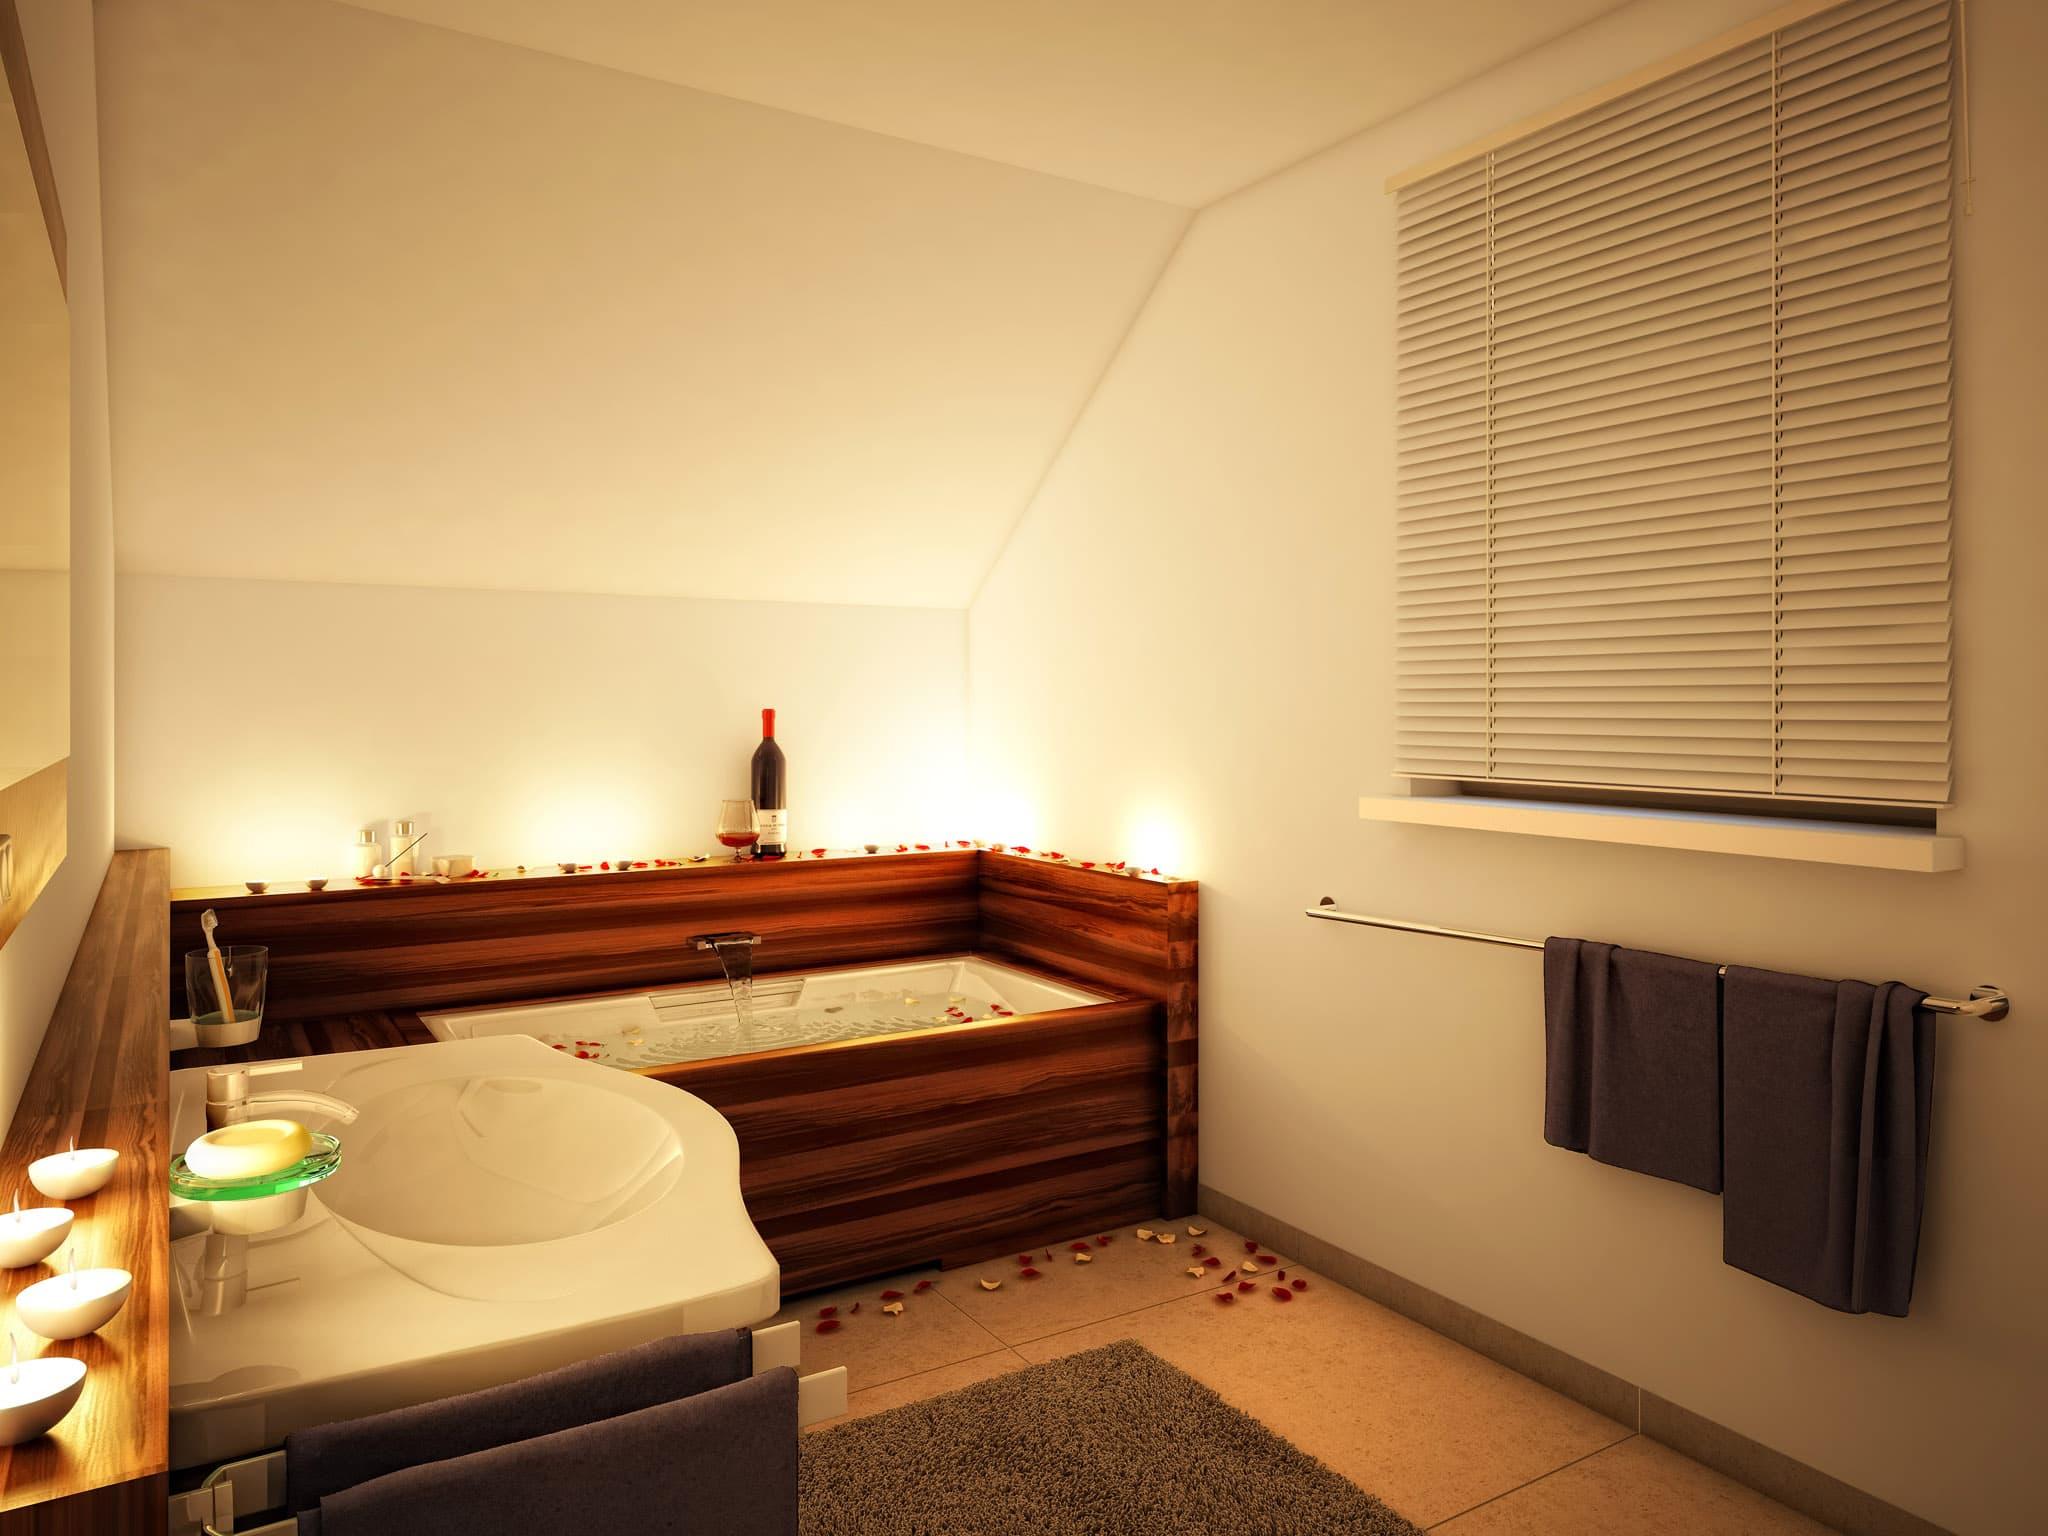 Modernes Badezimmer mit Badewanne unter Dachschräge - Wohnideen Inneneinrichtung Einfamilienhaus EVOLUTION 124 V3 von Bien Zenker - HausbauDirekt.de